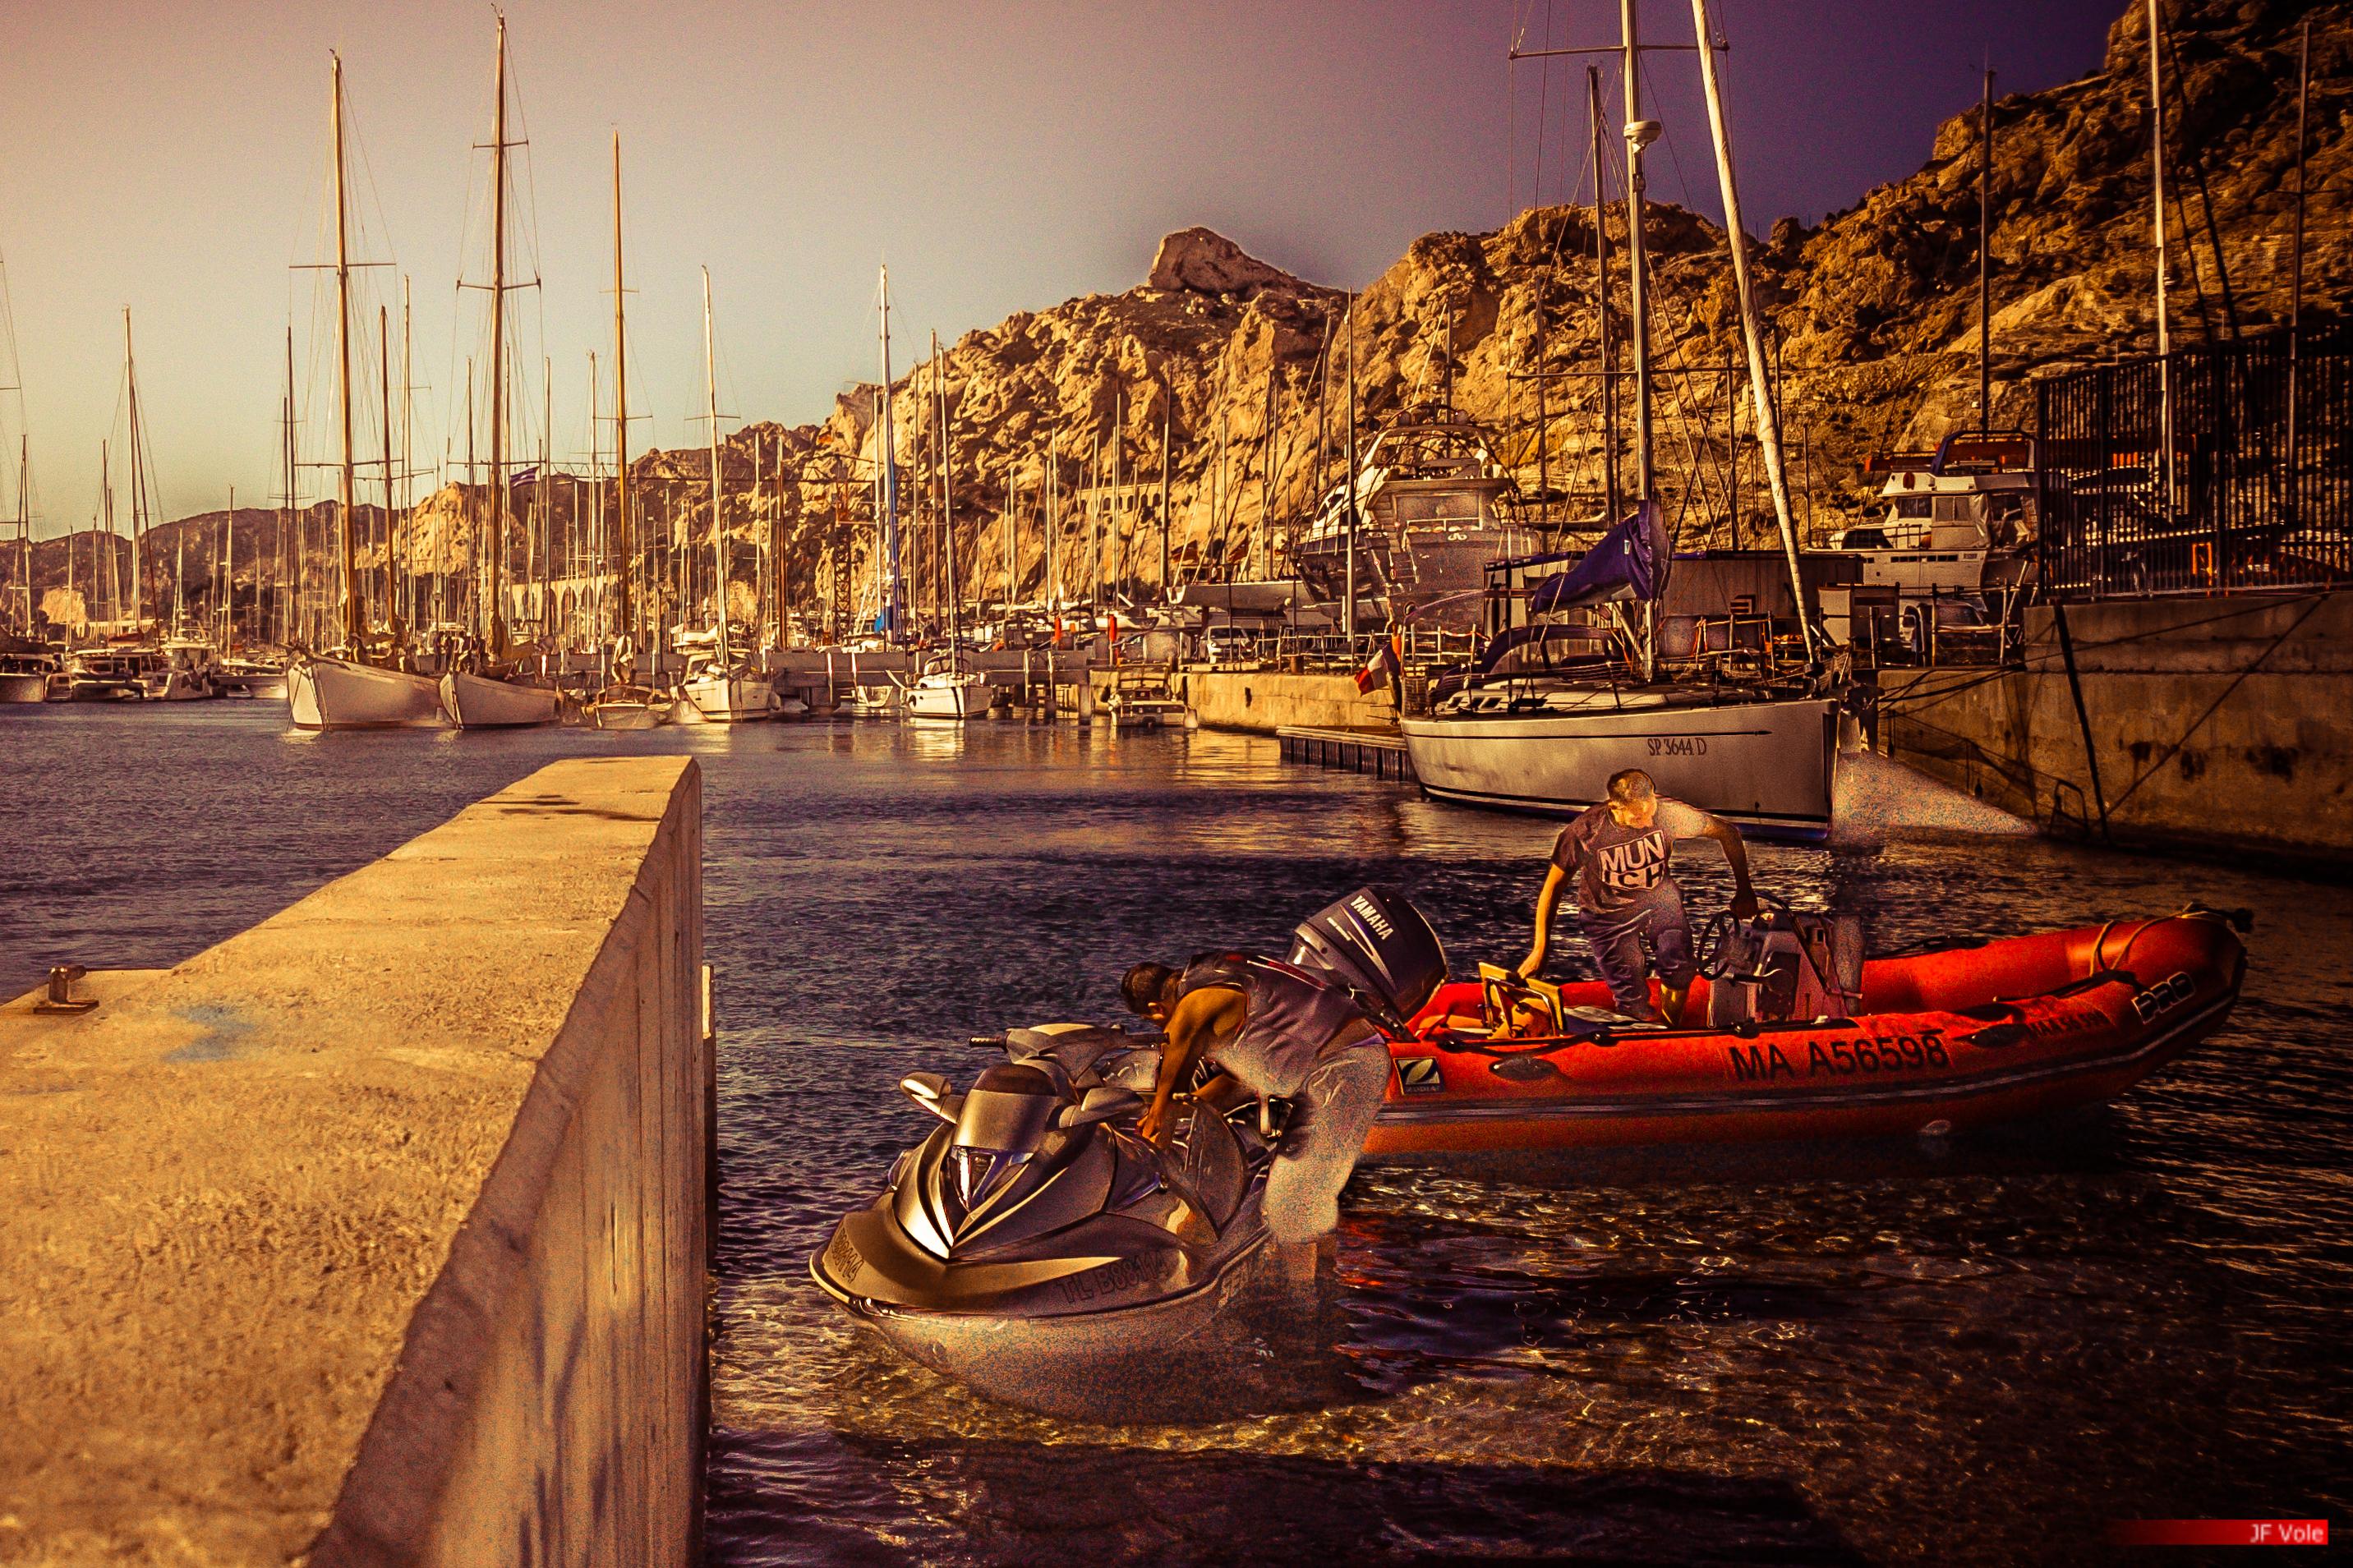 Marseille, octobre 2016.L'Estaque est un quartier du 16e arrondissement de Marseille situé dans les quartiers nord de la ville. Ses habitants sont les Estaquéens.Ancien hameau isolé de pêcheurs et de fabricants de tuiles, L'Estaque devient à la fin du xixe siècle un village d'ouvriers d'usines et une station balnéaire. Entre 1870 et 1914, ses paysages sont une source d'inspiration pour des peintres célèbres, tels que Paul Cézanne, Georges Braque, ou Auguste Renoir. À partir des années 1940, l'économie industrielle s'effondre et L'Estaque est touché par la crise économique et les problèmes d'urbanisme, comme l'illustrent des films de René Allio et plus récemment de Robert Guédiguian, avant d'importantes actions sociales et urbaines à partir des années 1990.